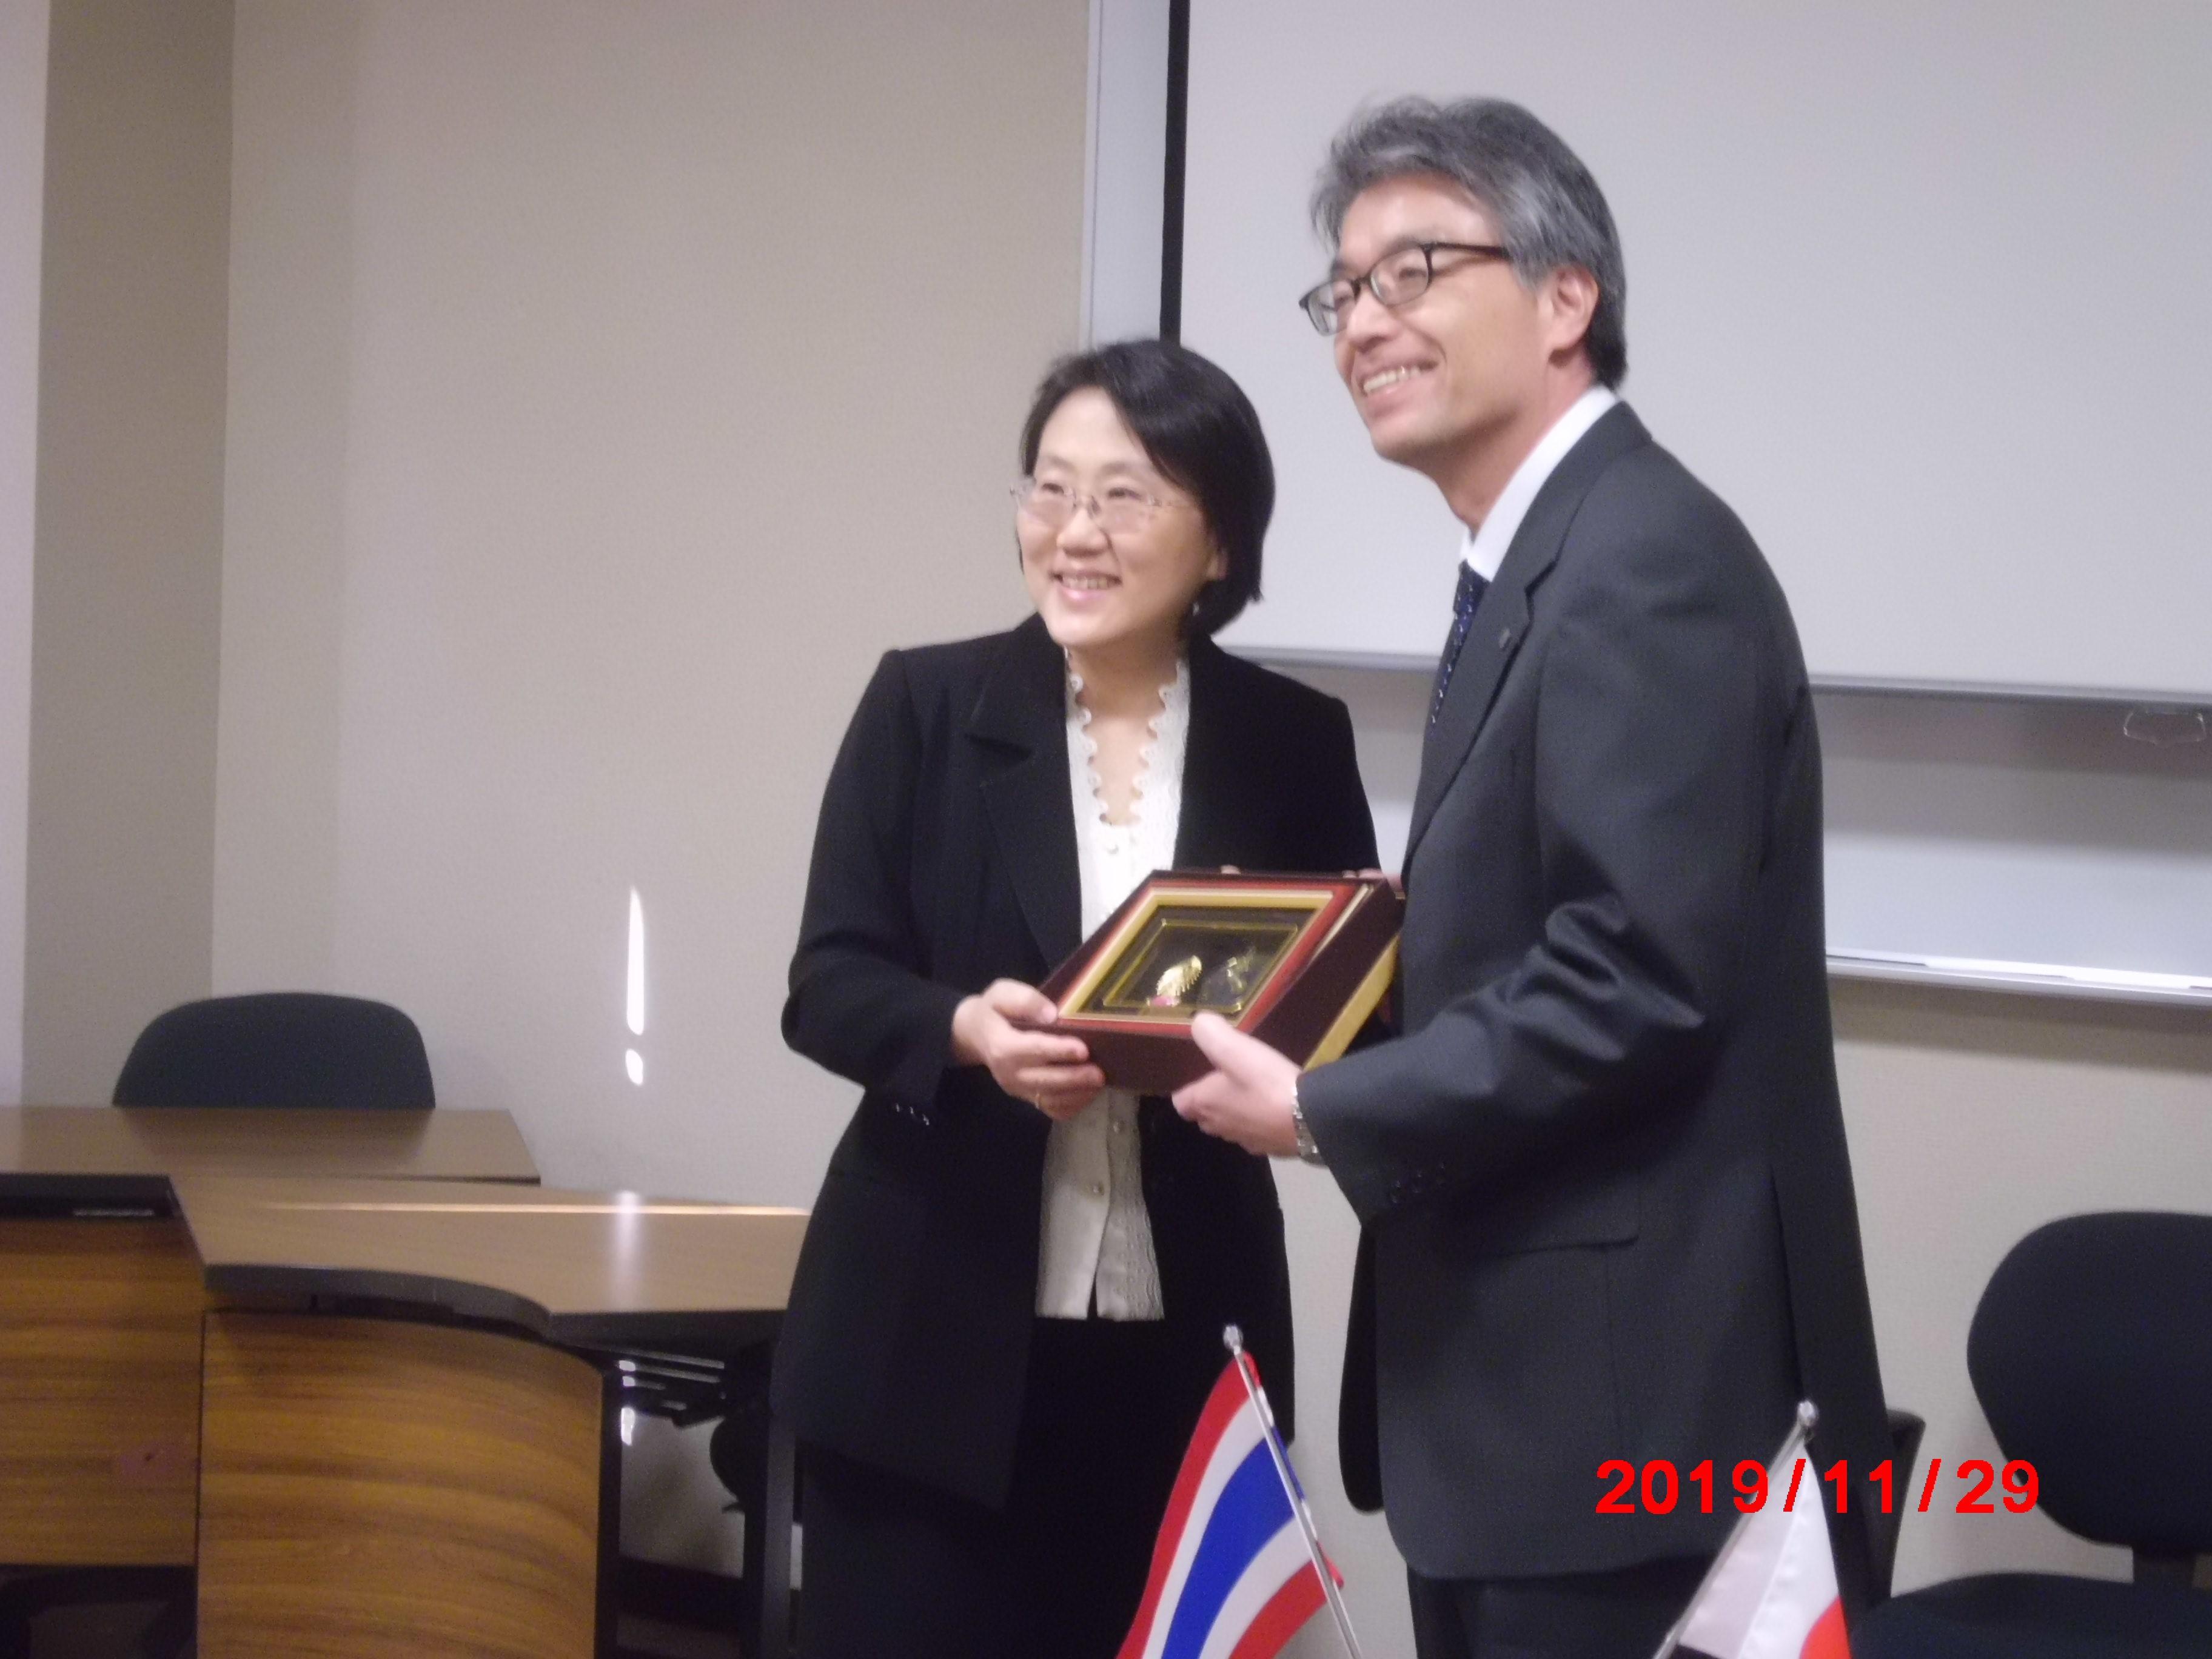 チュラロンコン大学薬学部長と尾野村治薬学部長